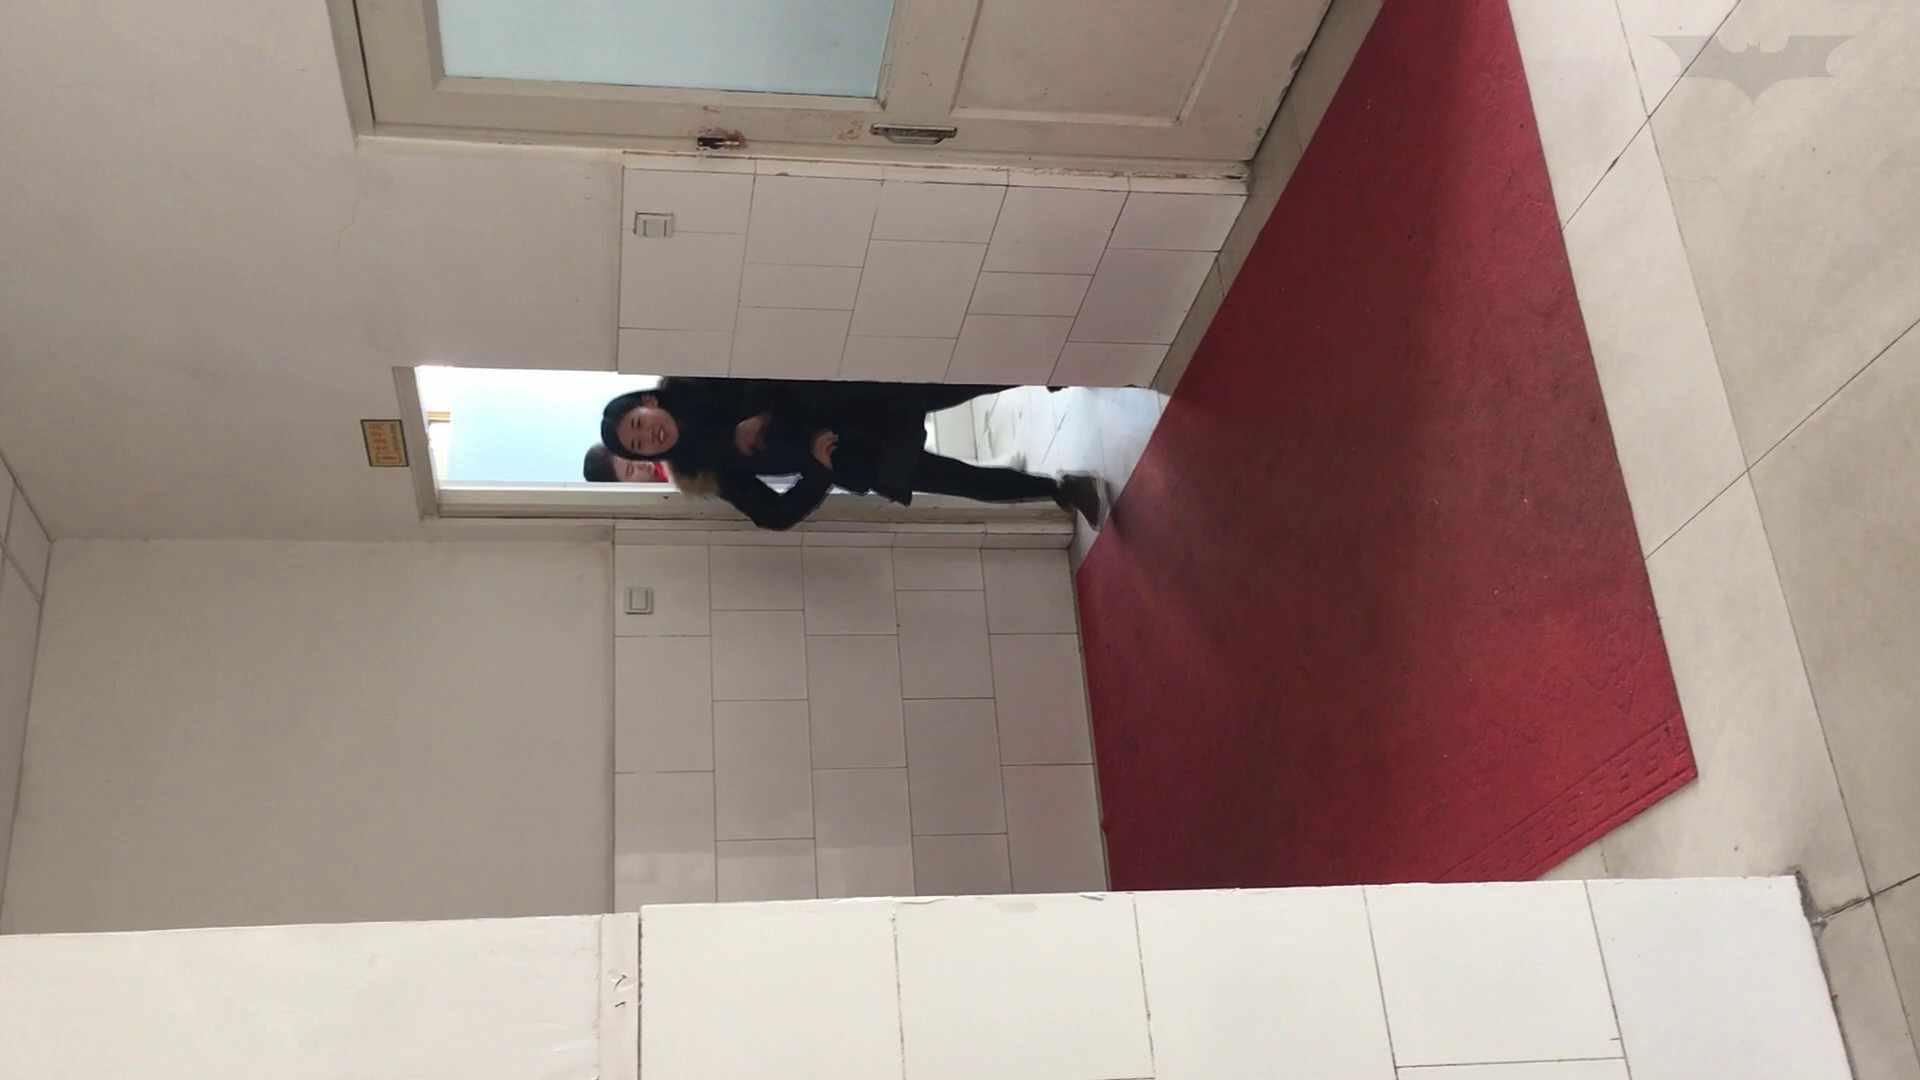 芸術大学ガチ潜入盗sati JD盗撮 美女の洗面所の秘密 Vol.95 高評価 ぱこり動画紹介 100画像 22